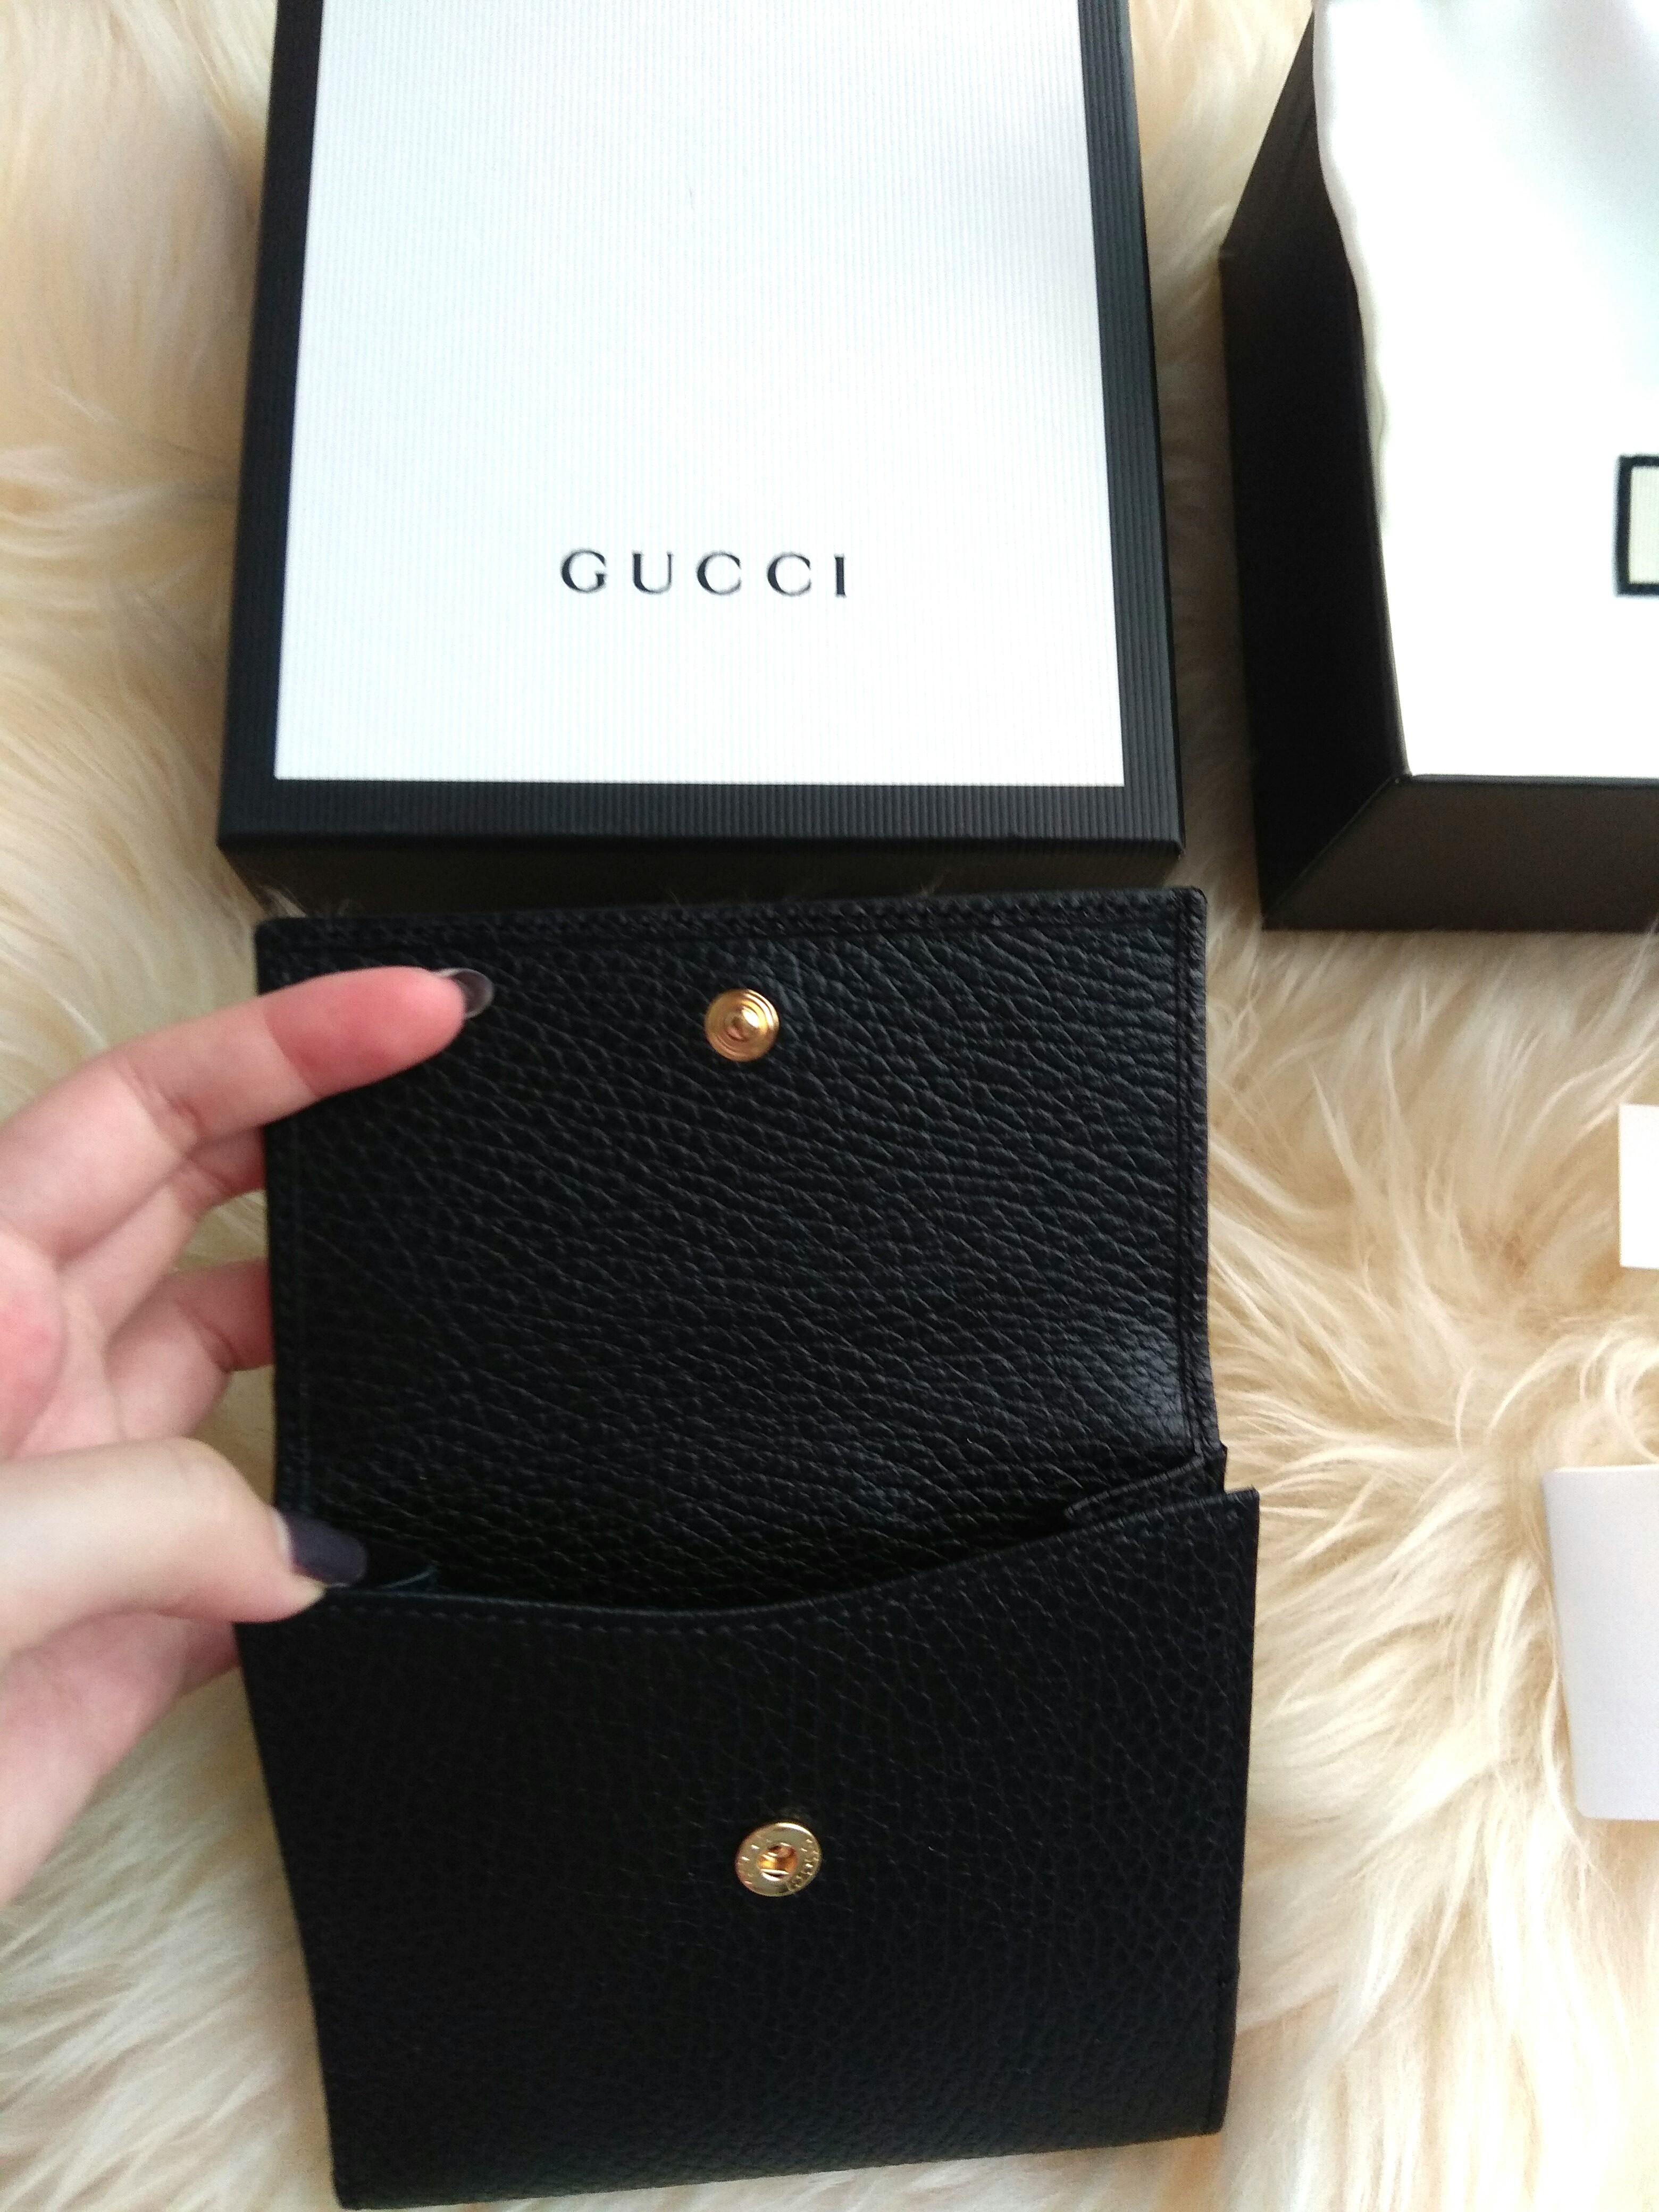 bafa1b516fb Gucci leather french flap wallet